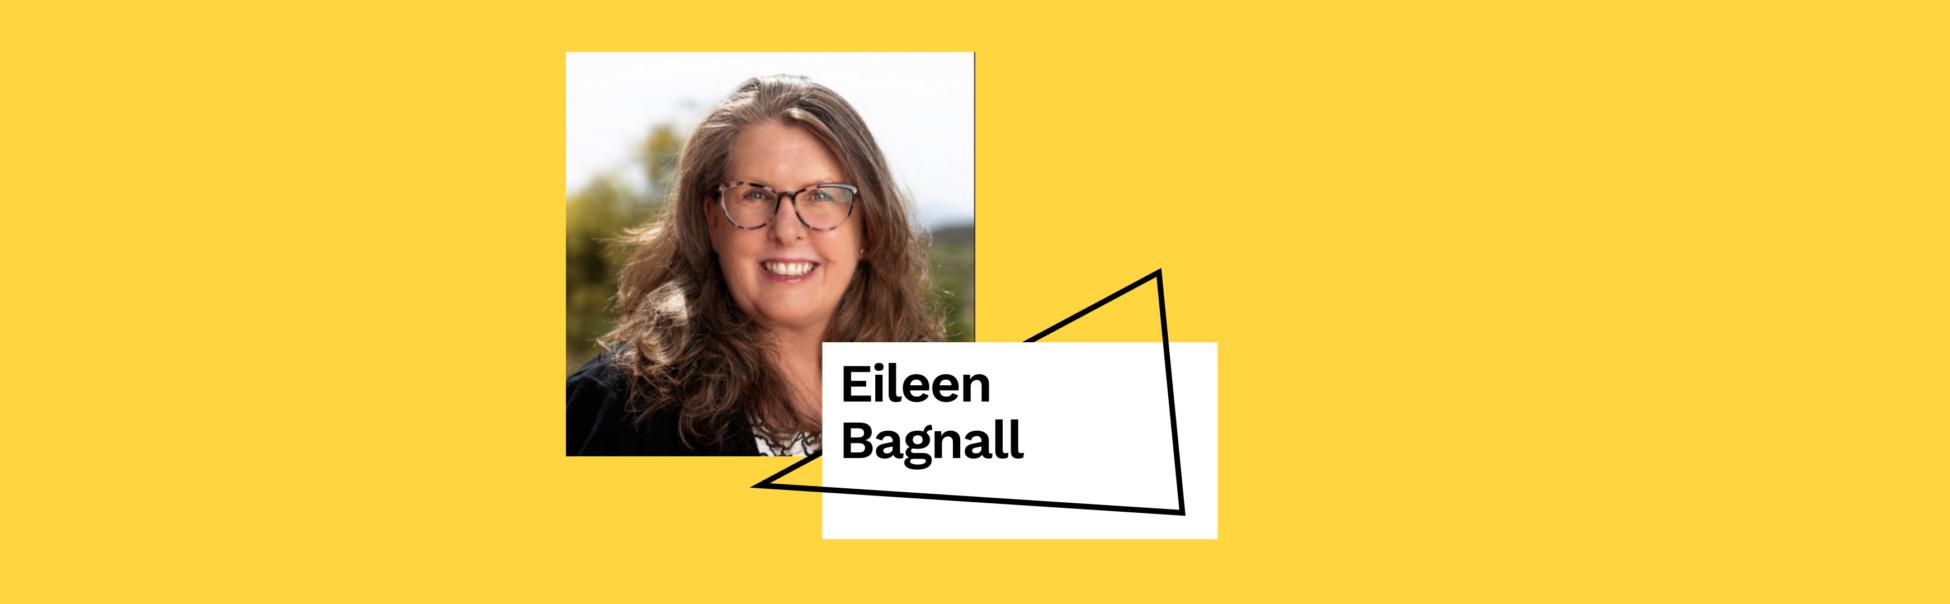 Eileen Bagnall